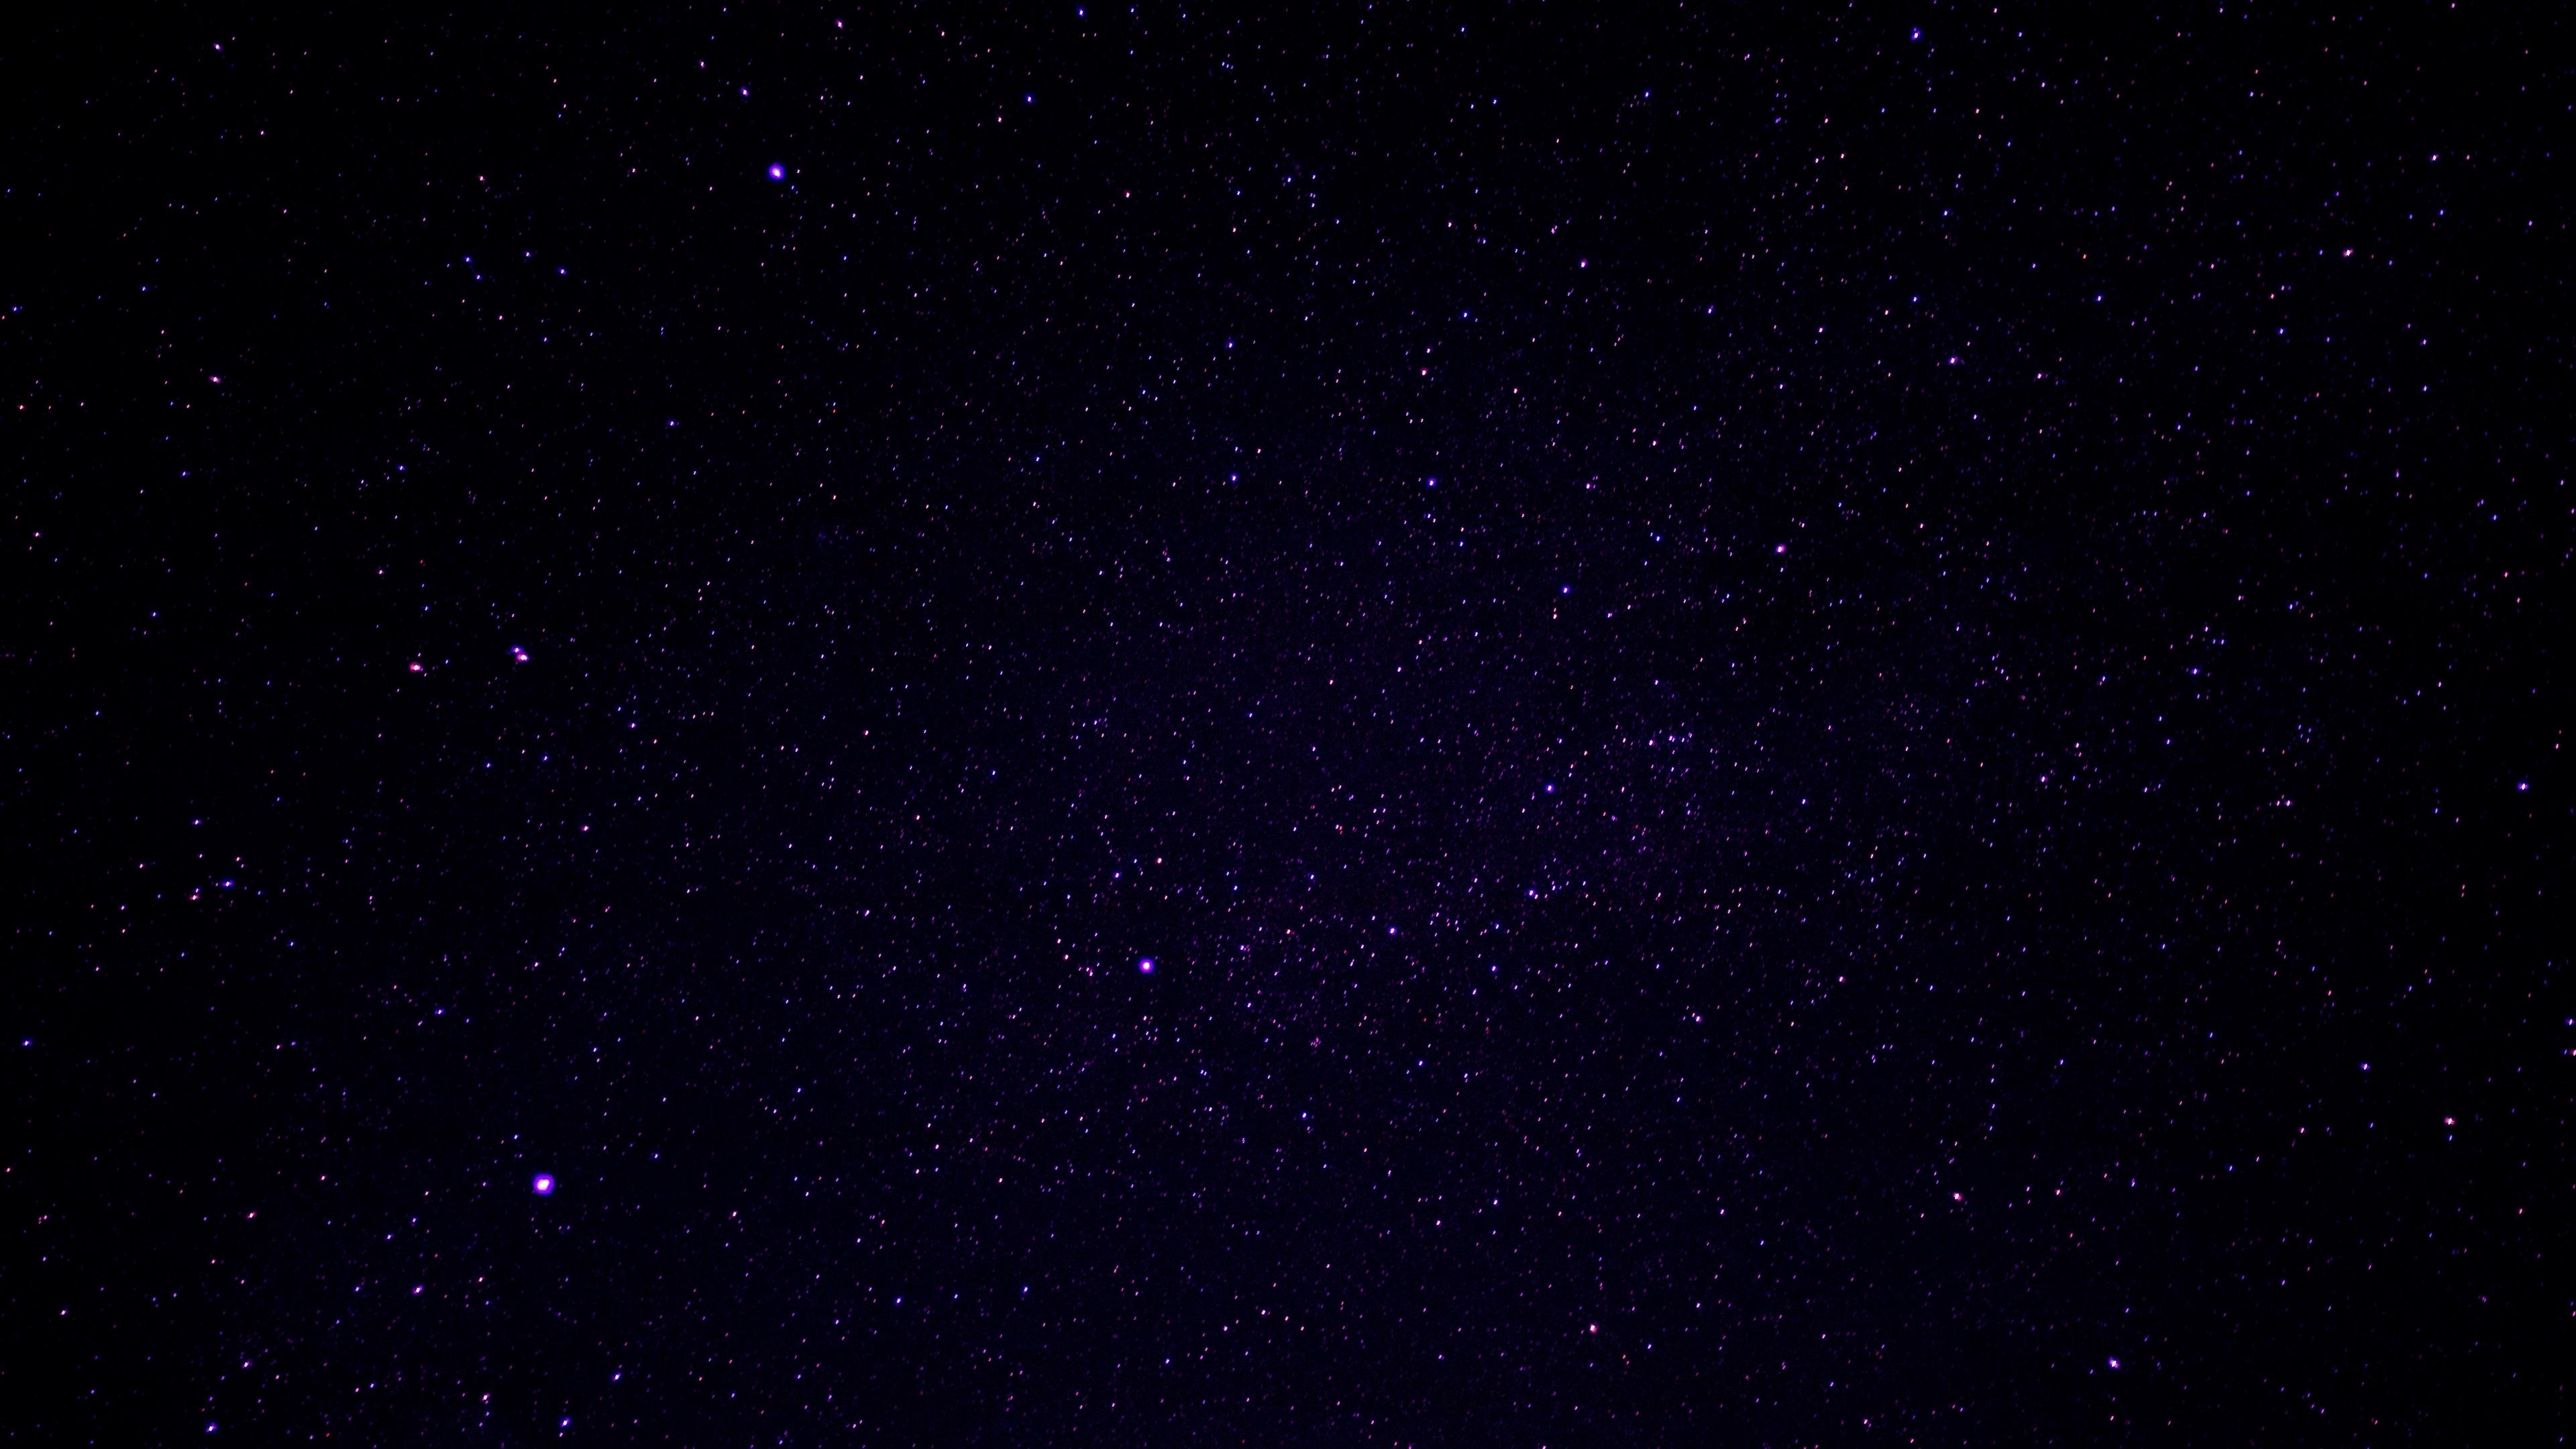 starry sky stars universe violet 4k 1536016188 - starry sky, stars, universe, violet 4k - Universe, Stars, starry sky